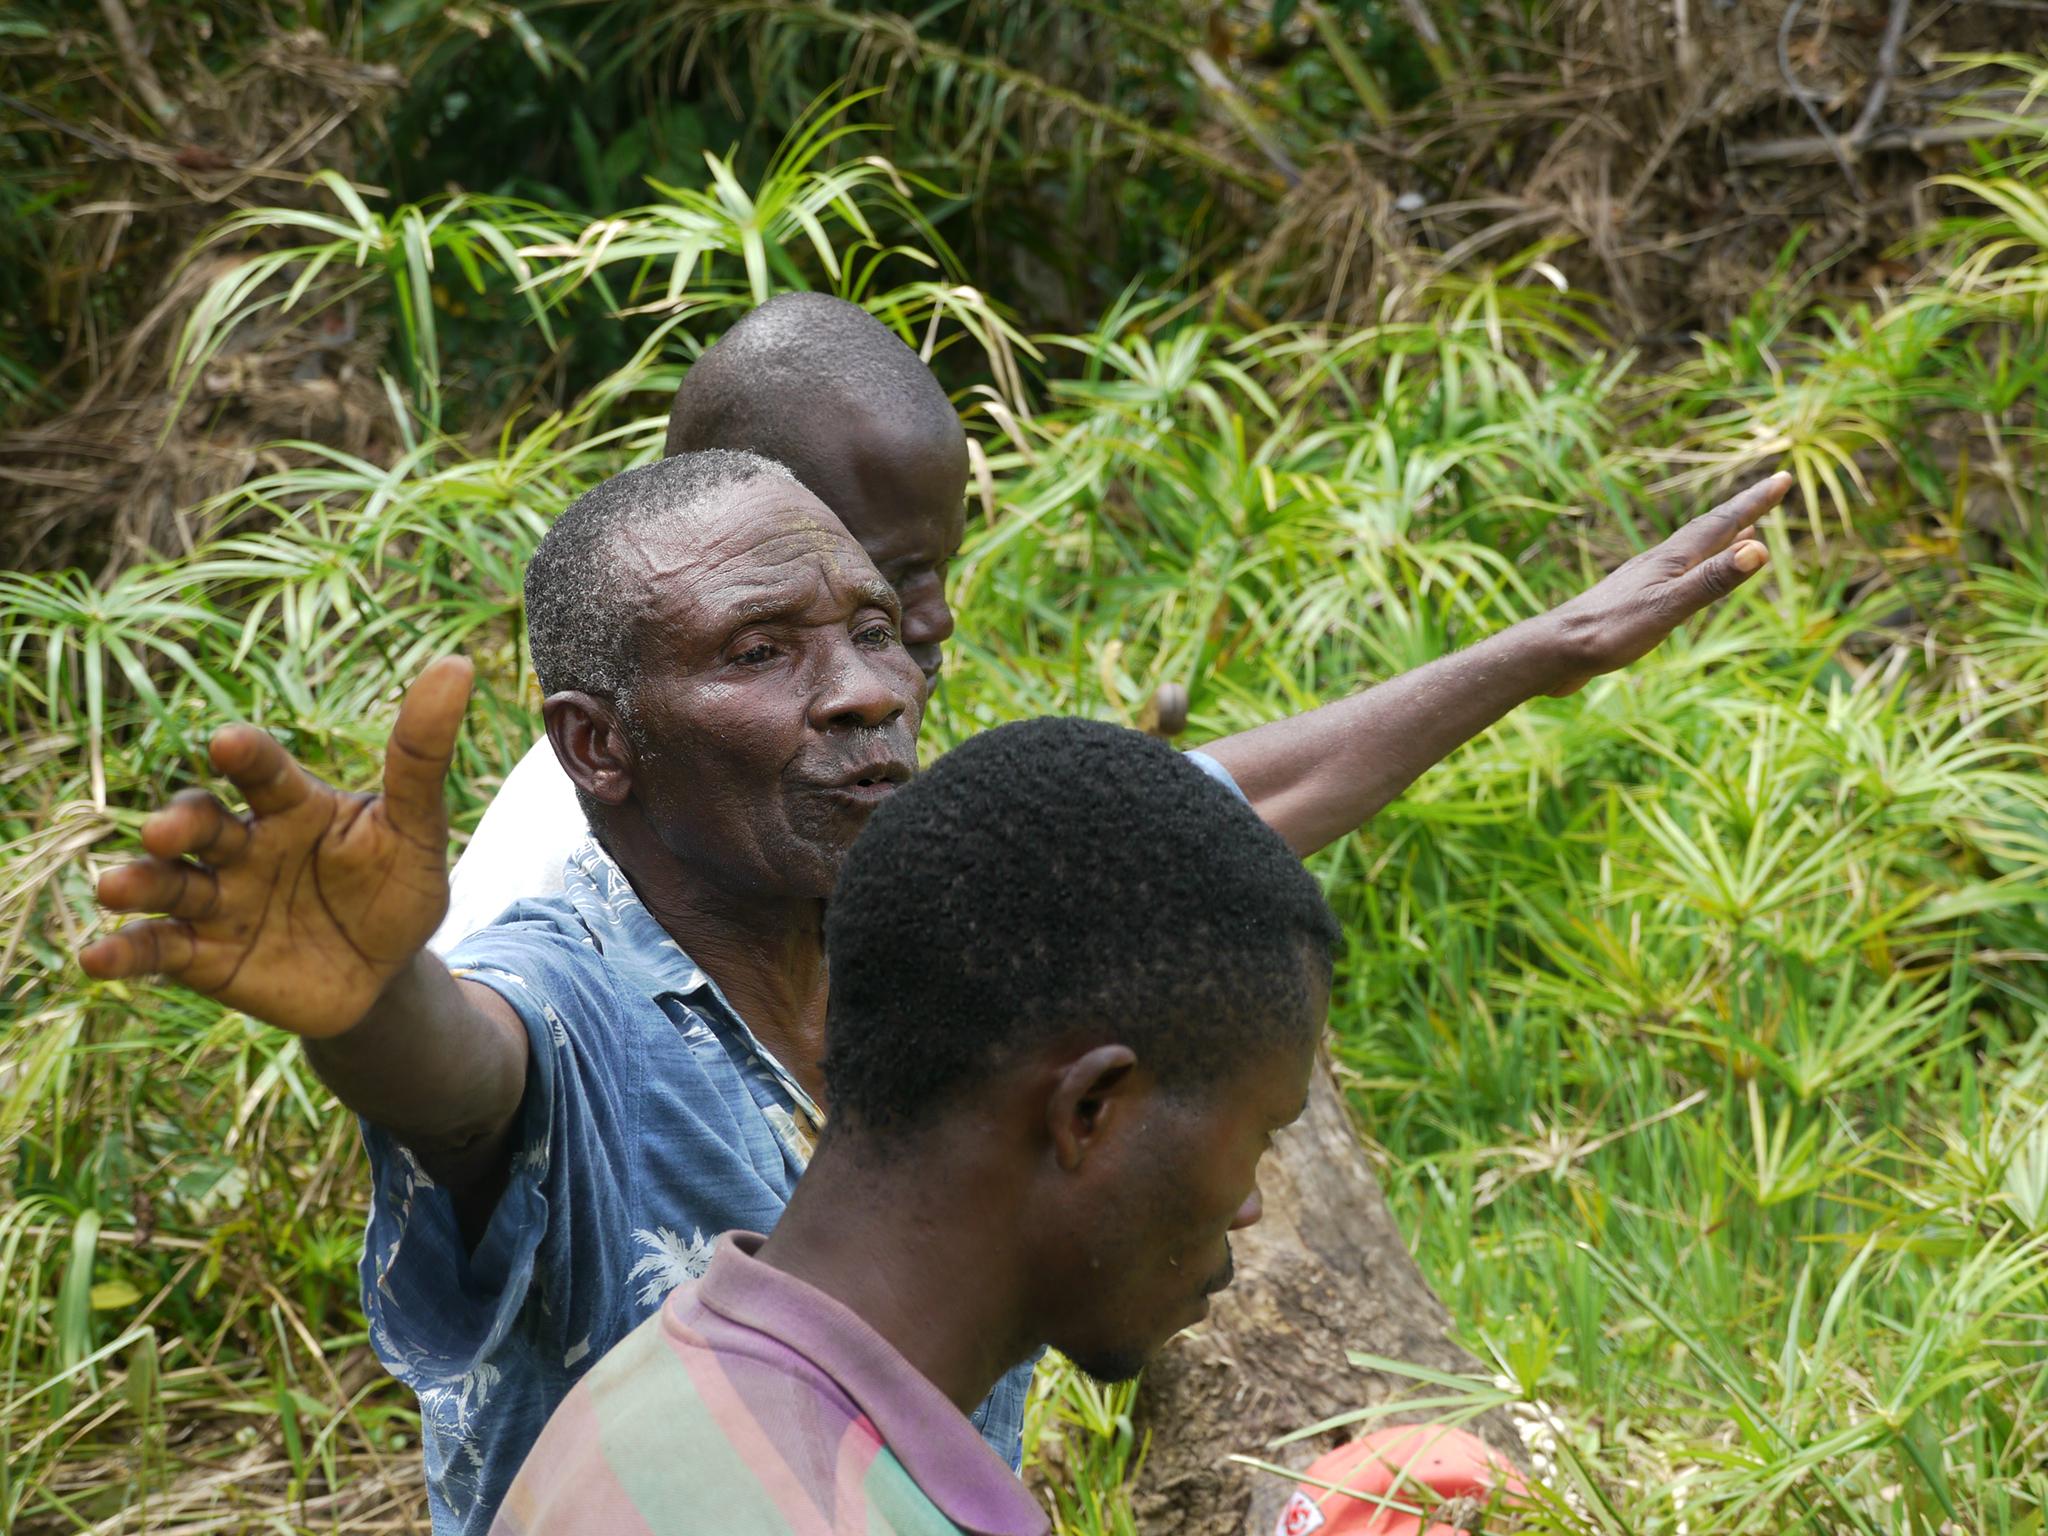 Rituel effectué par Bernard Divangambuta sur le site de Fwakumbi.